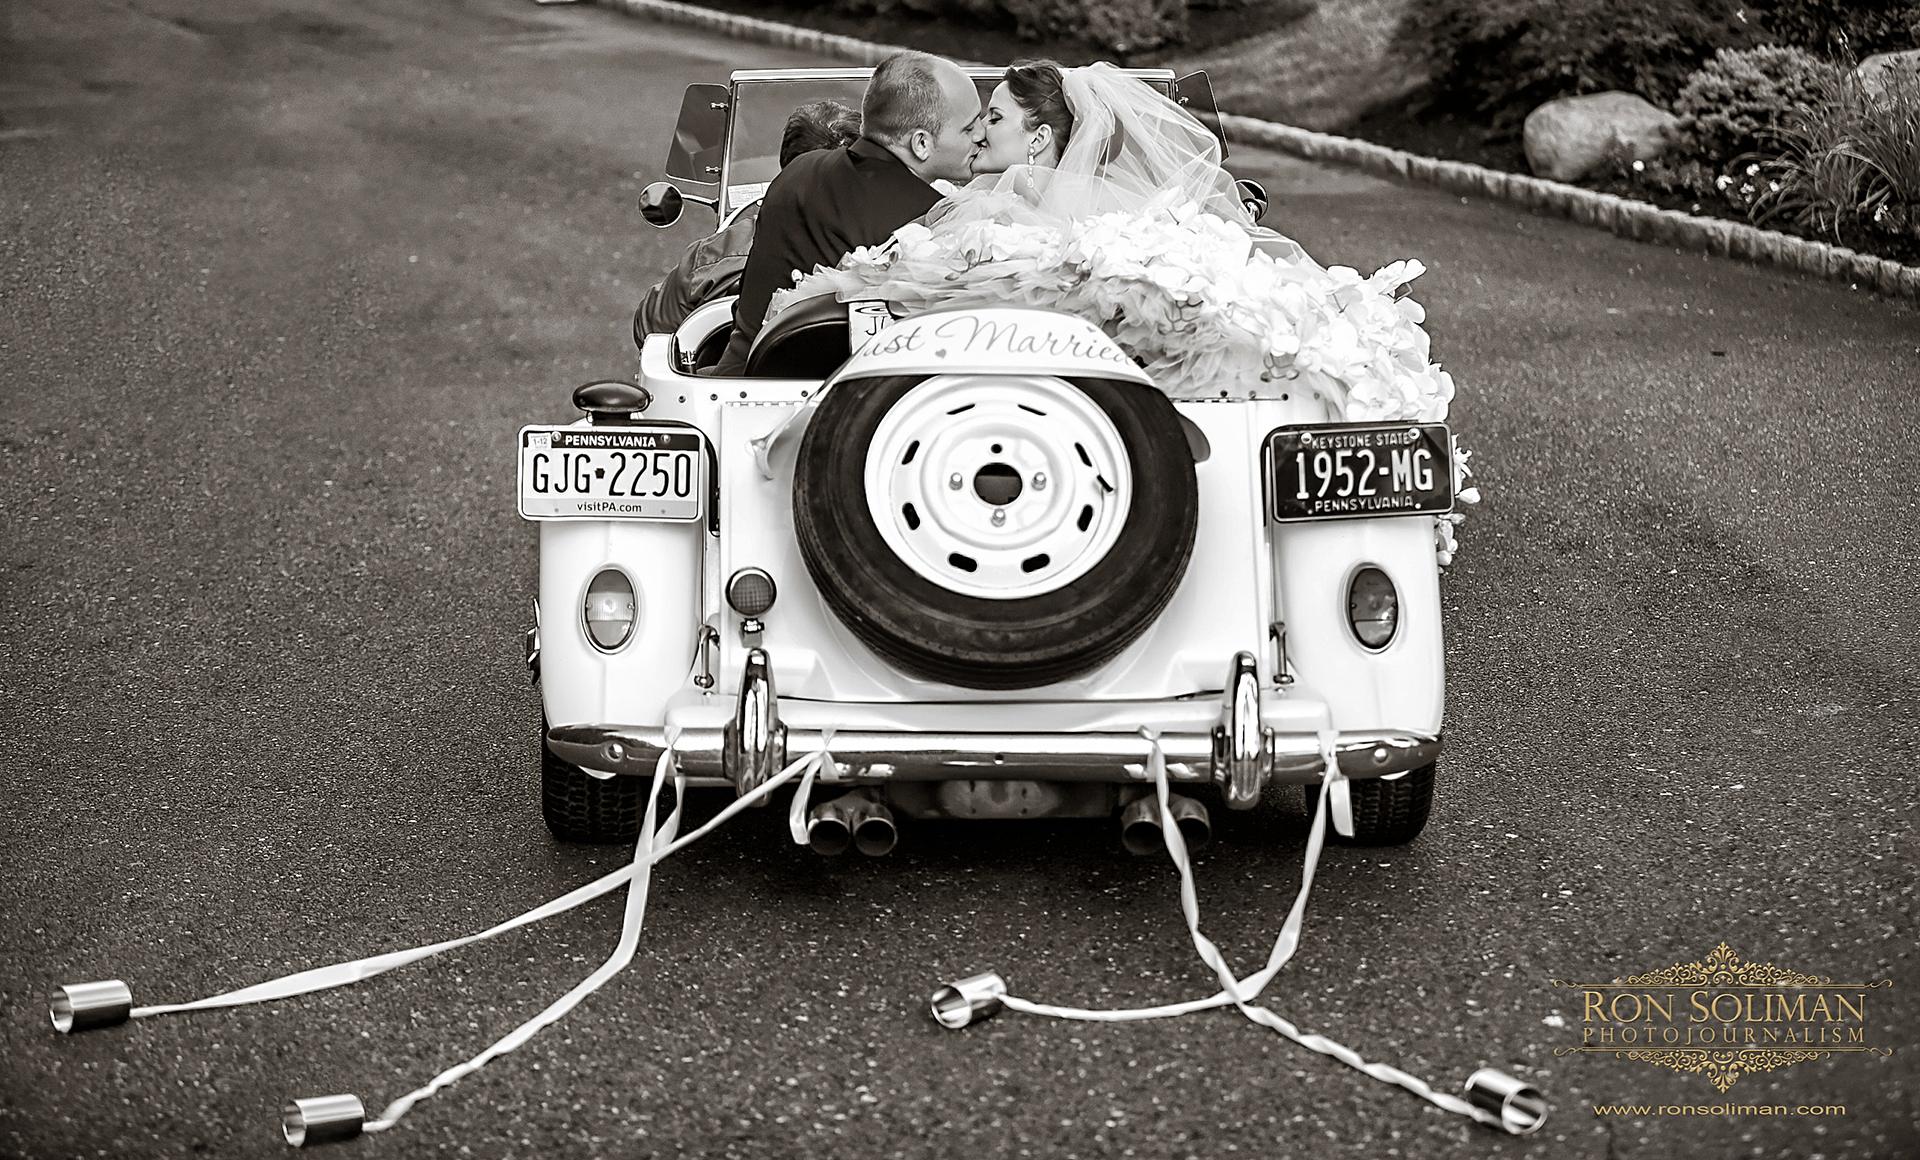 1952 MG wedding car